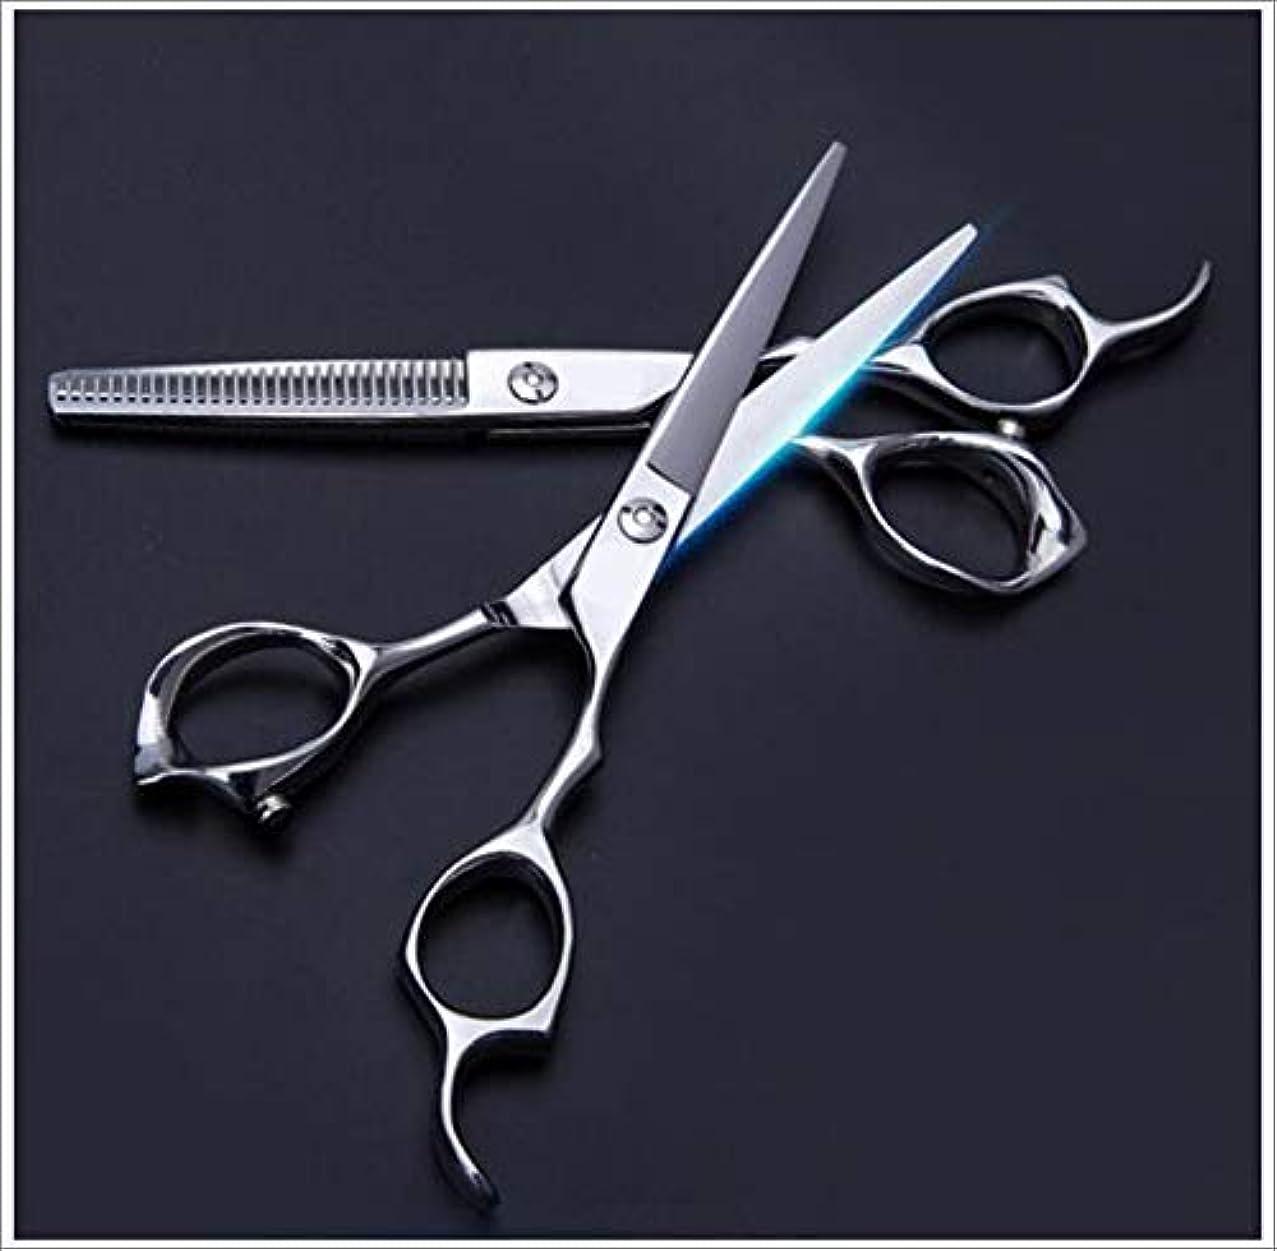 セクタ明快弱点美容師のはさみ髪のはさみマルチスタイラー2 PCS間伐はさみ理髪セット6インチステンレス鋼かみそり,A+B